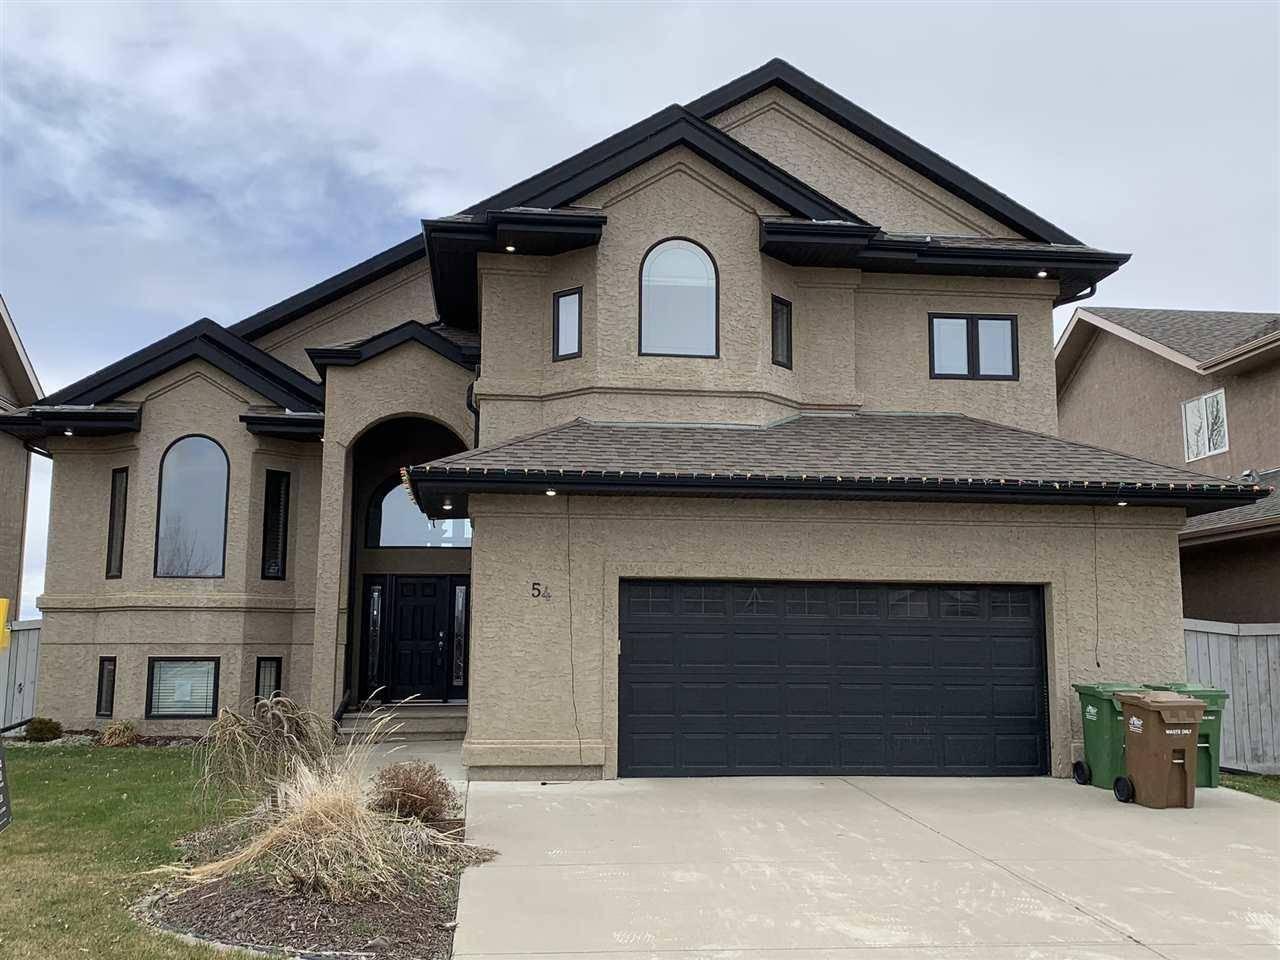 House for sale at 54 Kingsmoor Cs St. Albert Alberta - MLS: E4138696